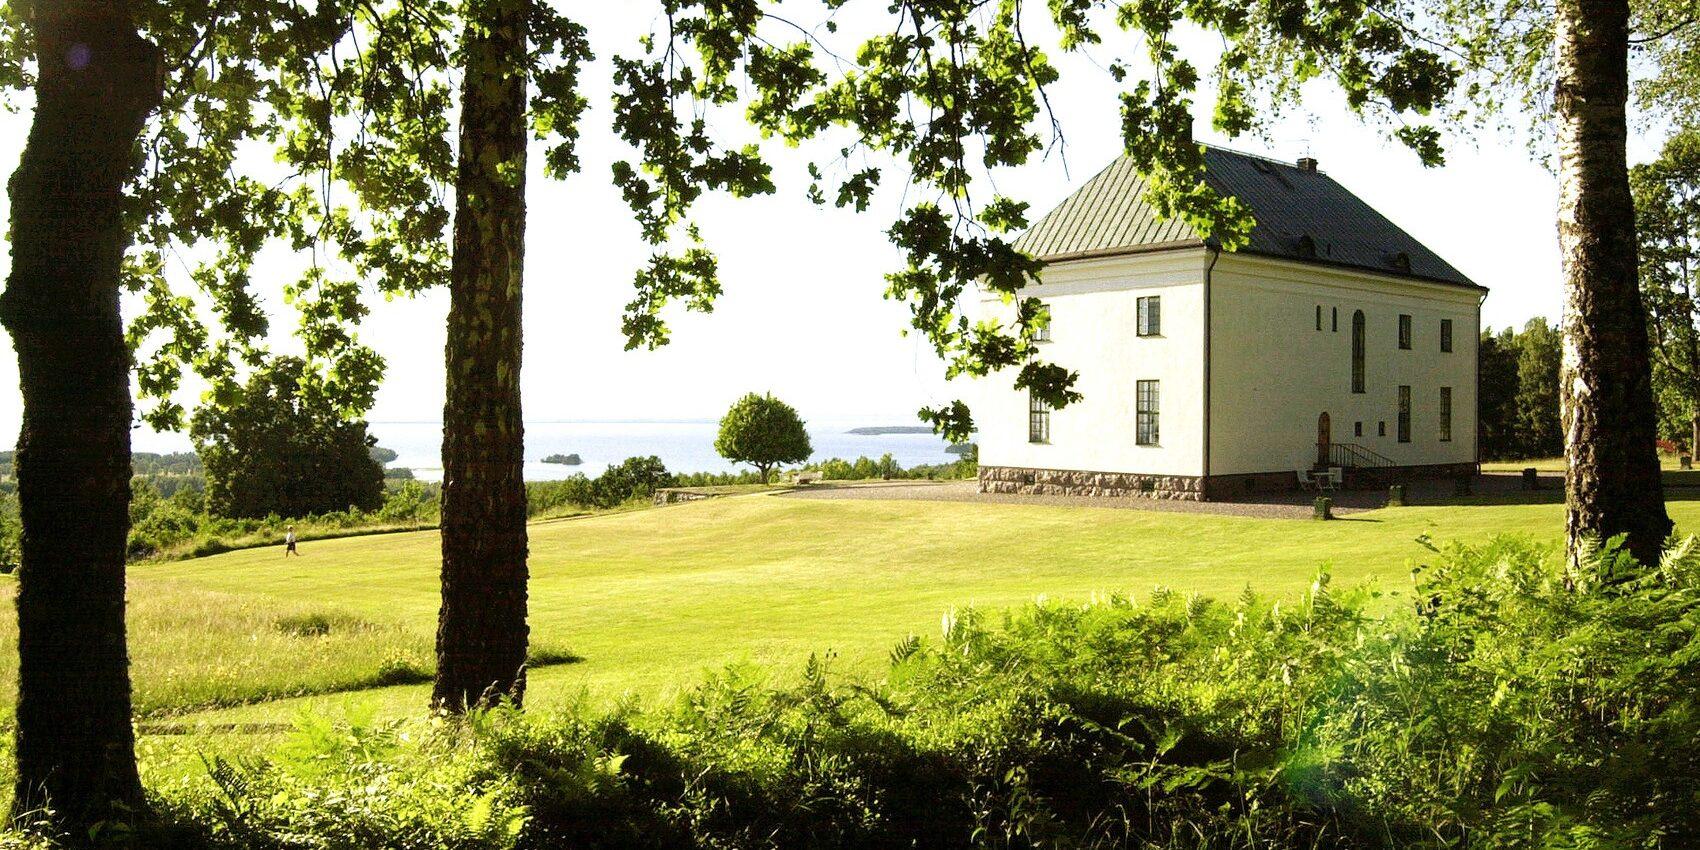 Stort pampigt vitt hus från början av 1900-talet tittar fram mellan träd.